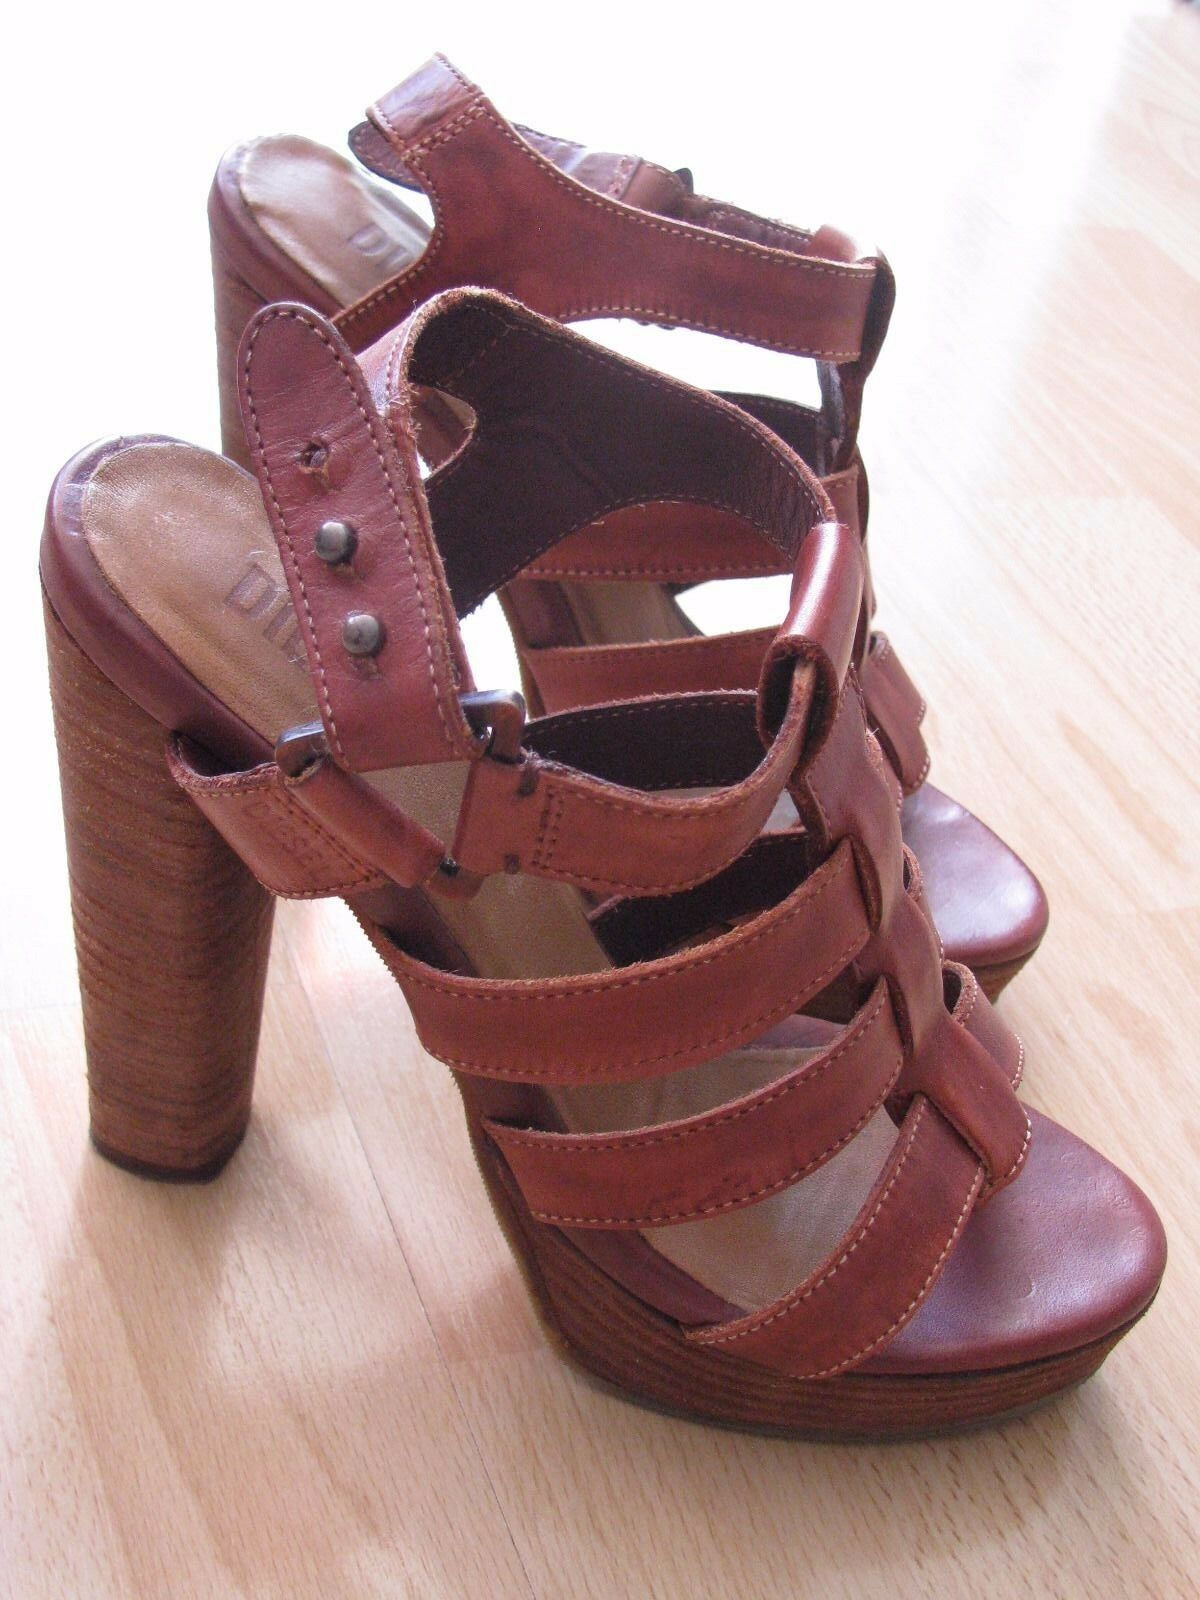 DIESEL Leder Sandalette, High Heel, Damen Schuhe.Gr.39